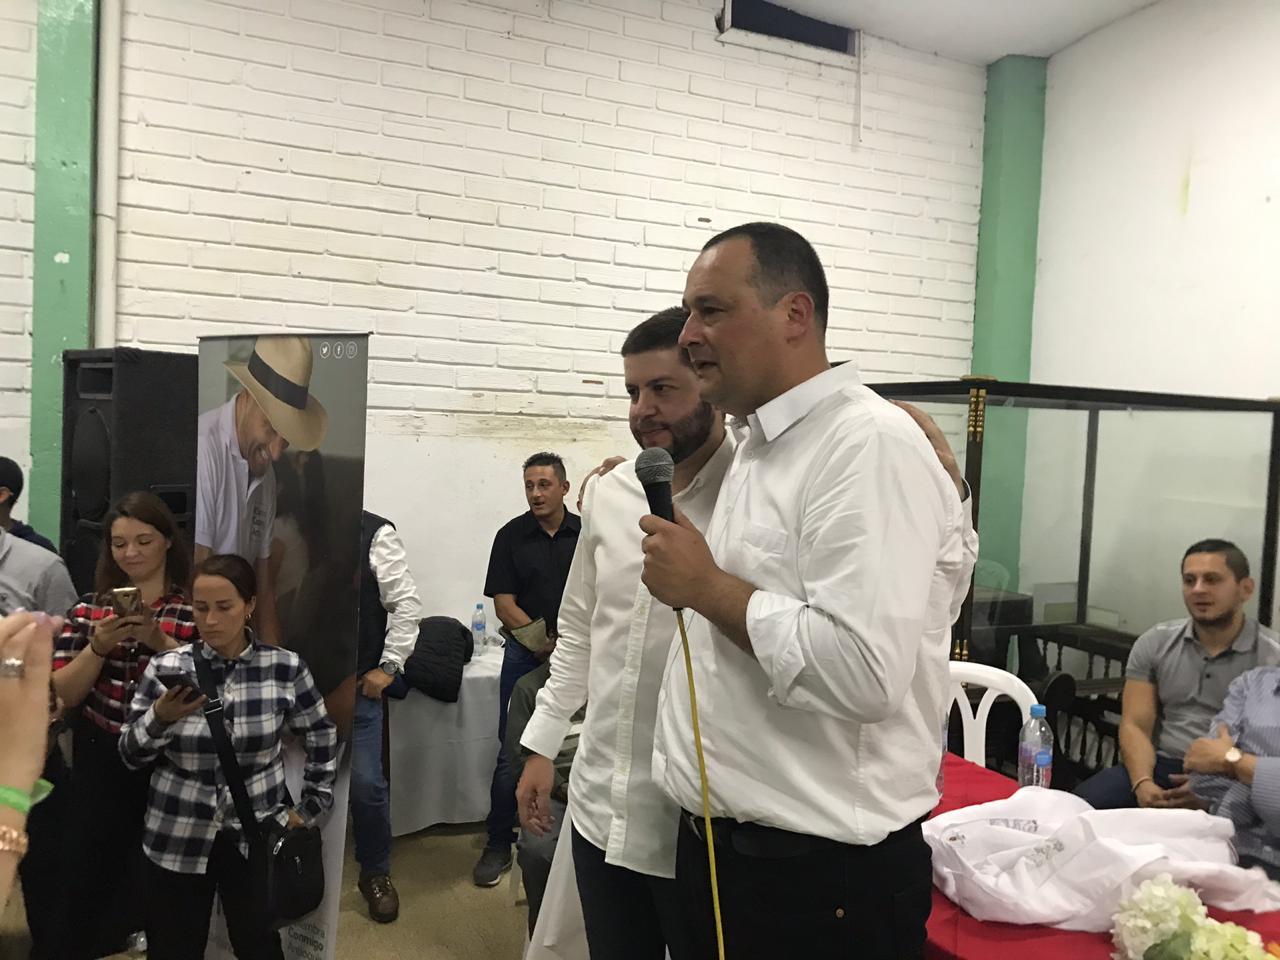 Nolber Bedoya, elegido candidato a la Alcaldía de El Retiro por el Centro Democrático